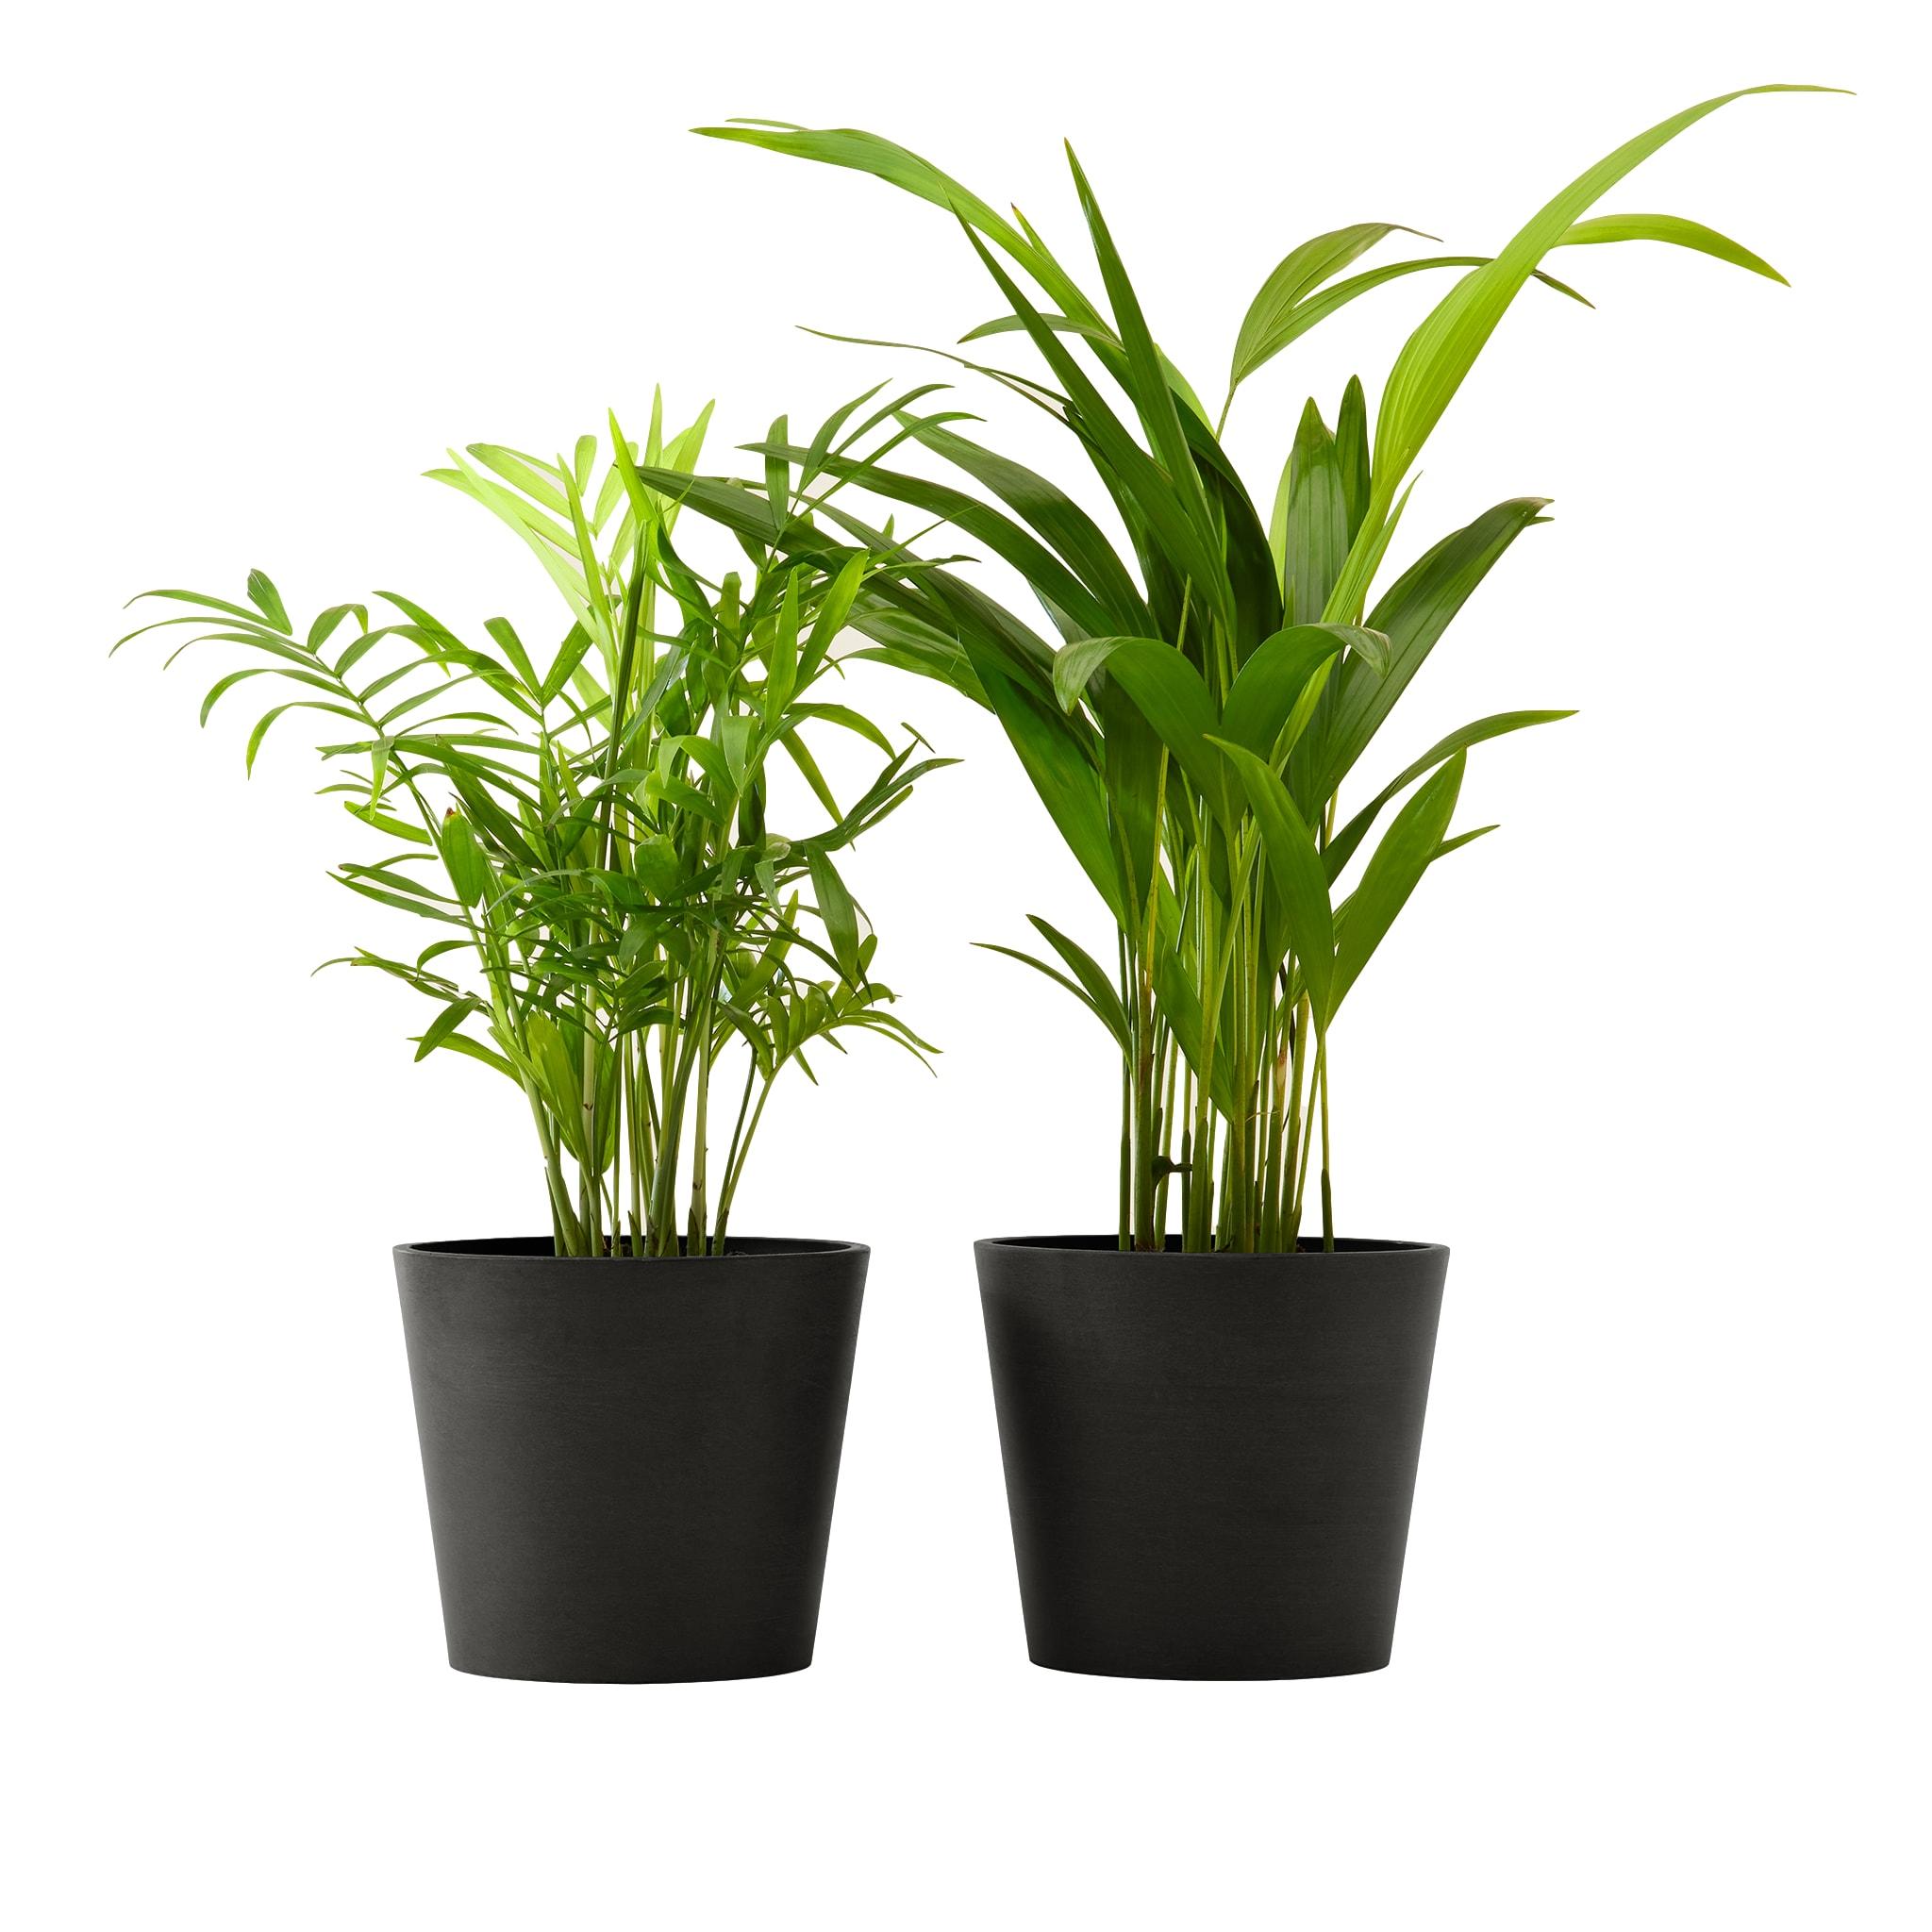 Plante x2 - Palmier areca et chamedora 40 cm pot noir